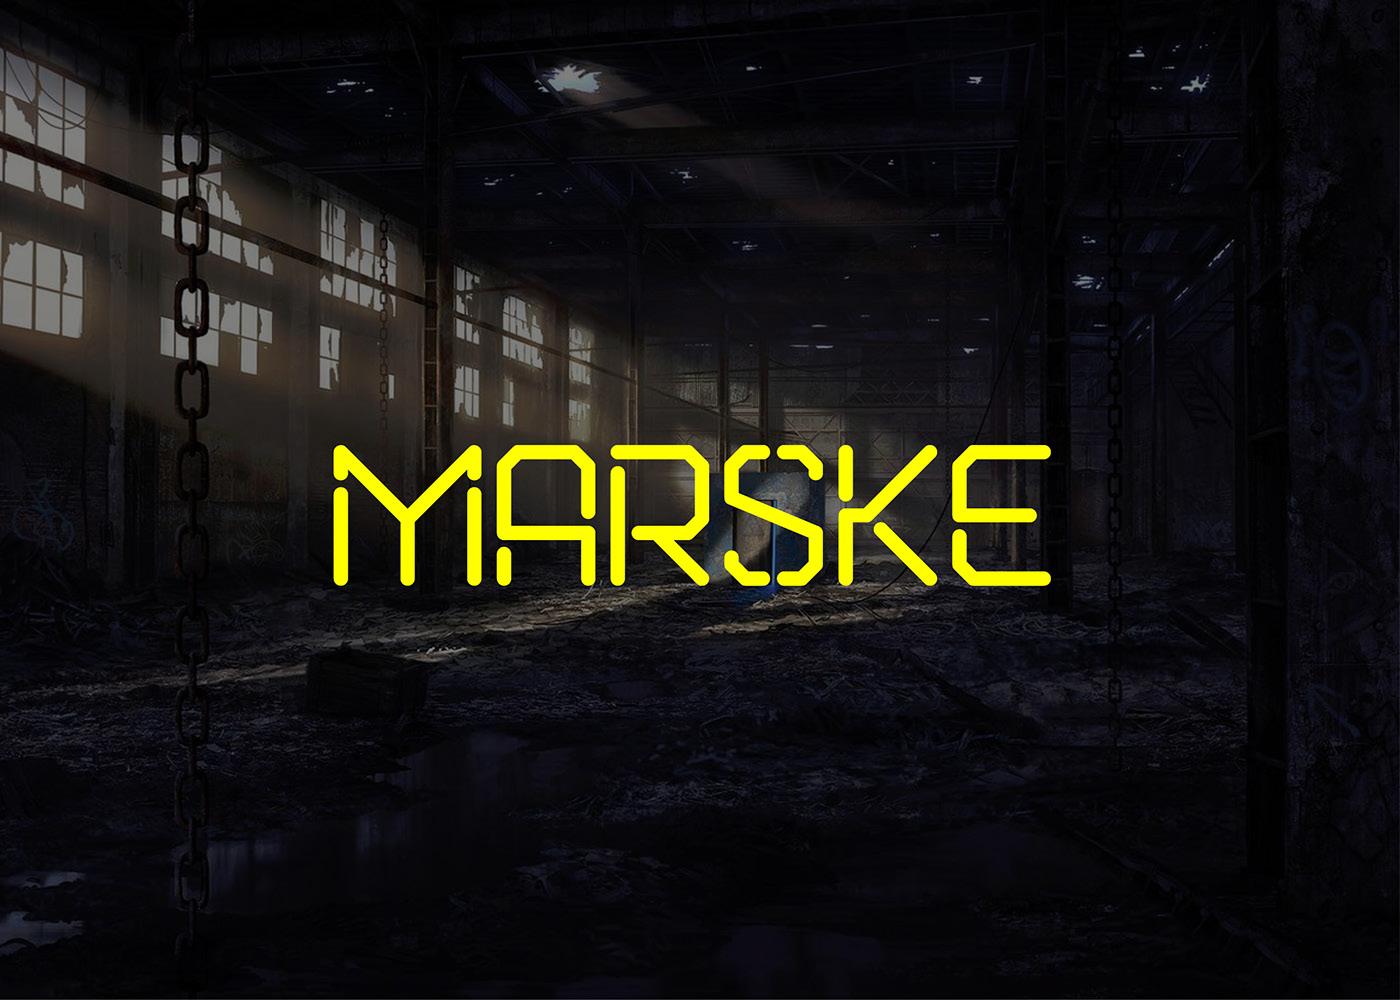 Marske | Police de caractère Gratuite | Free Font